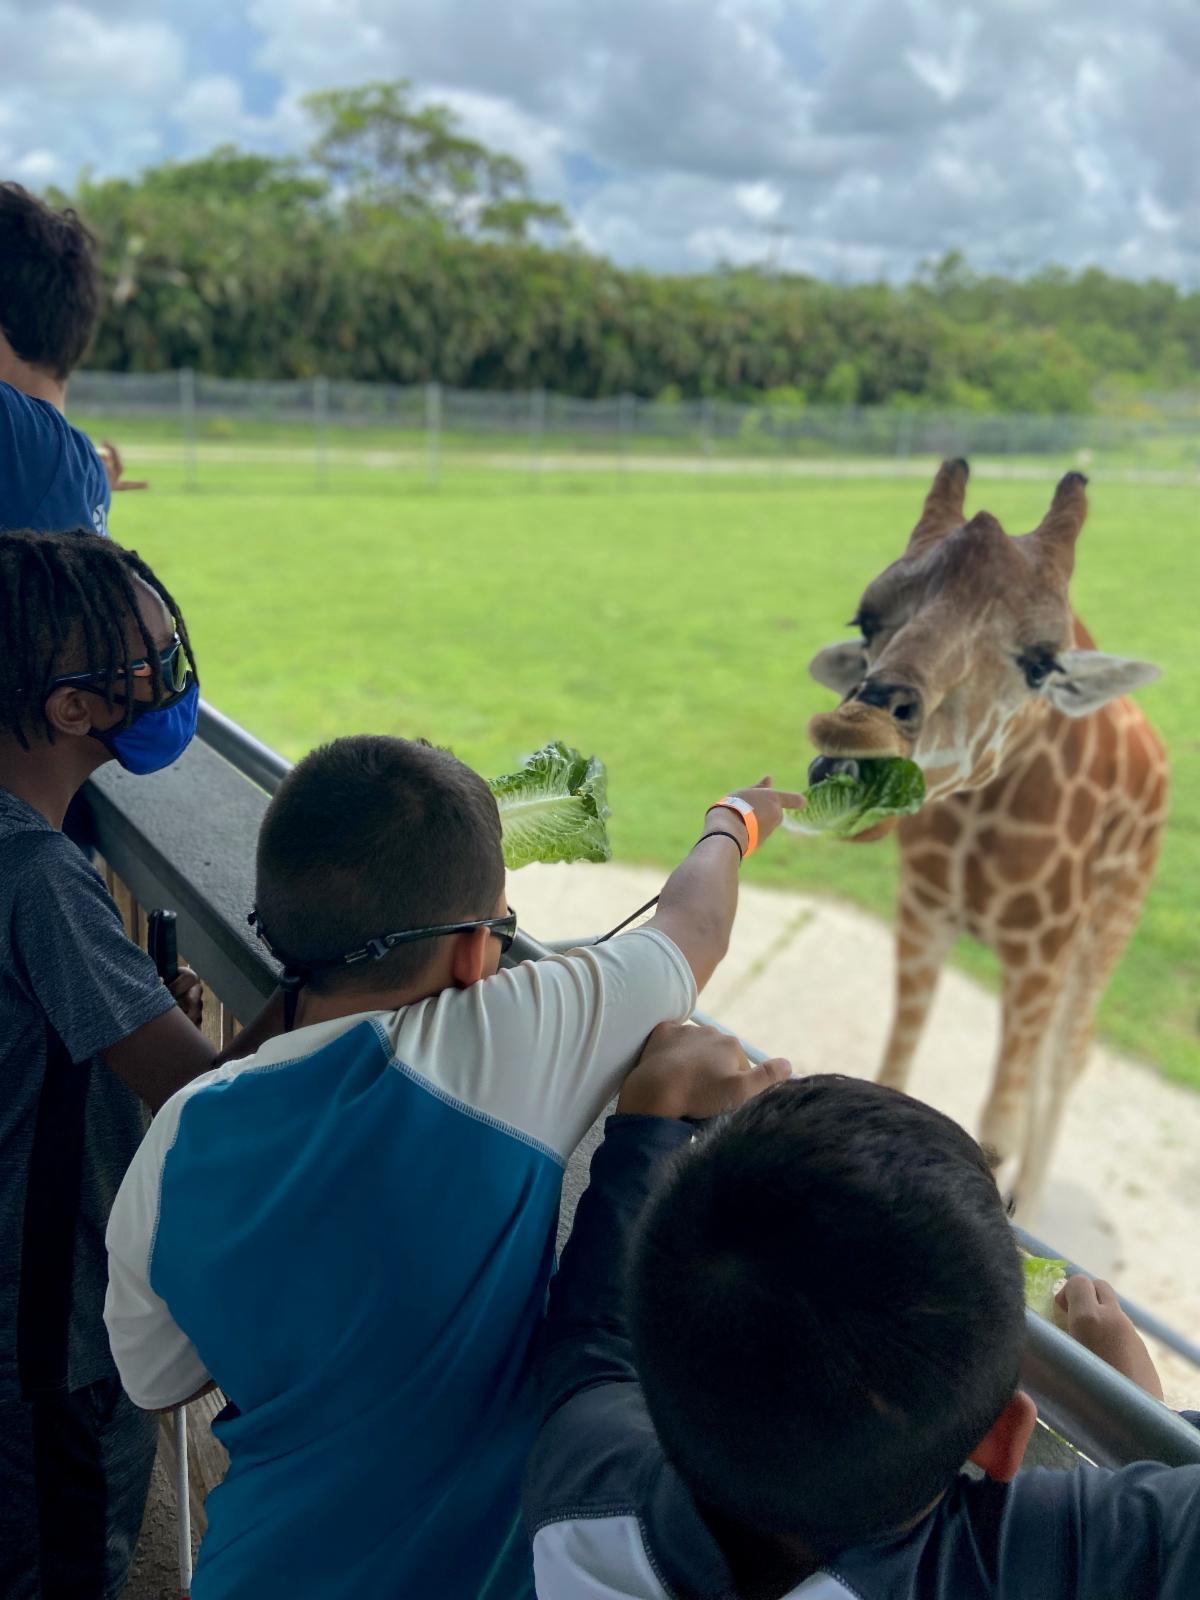 Three boys feeding a giraffe lettuce at Lion Country Safari